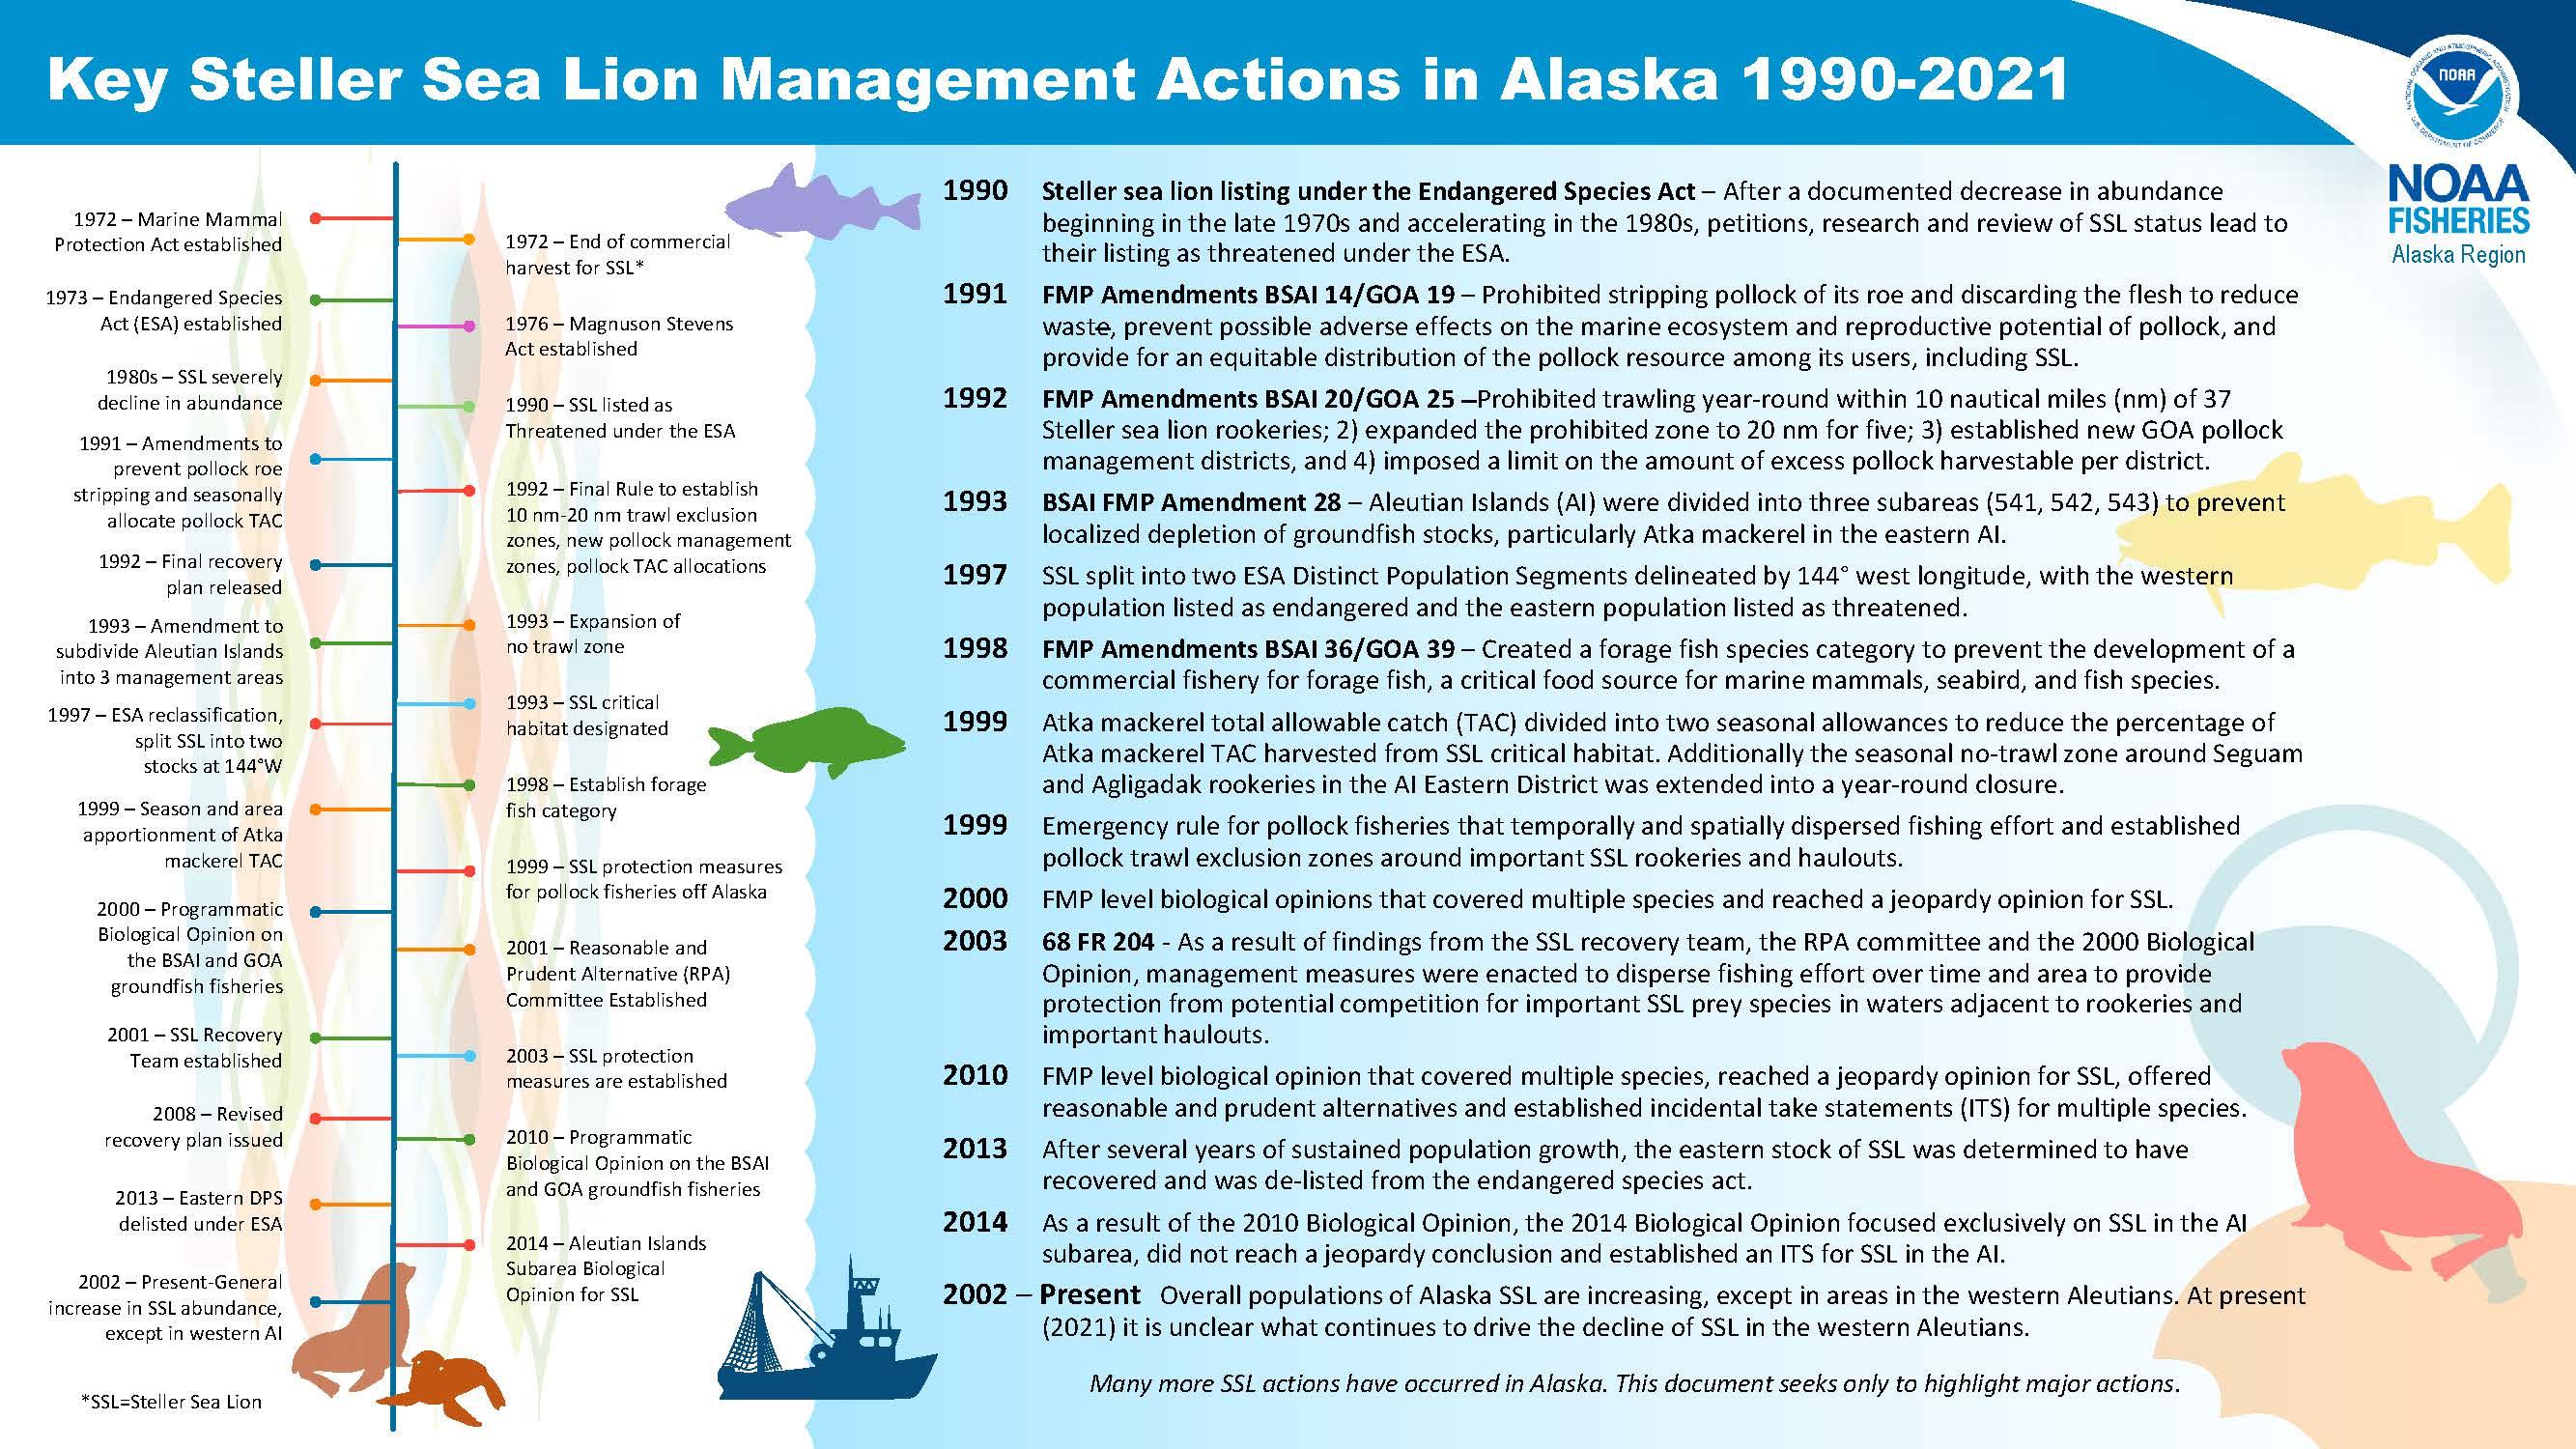 Steller sea lion management actions 1990-2021